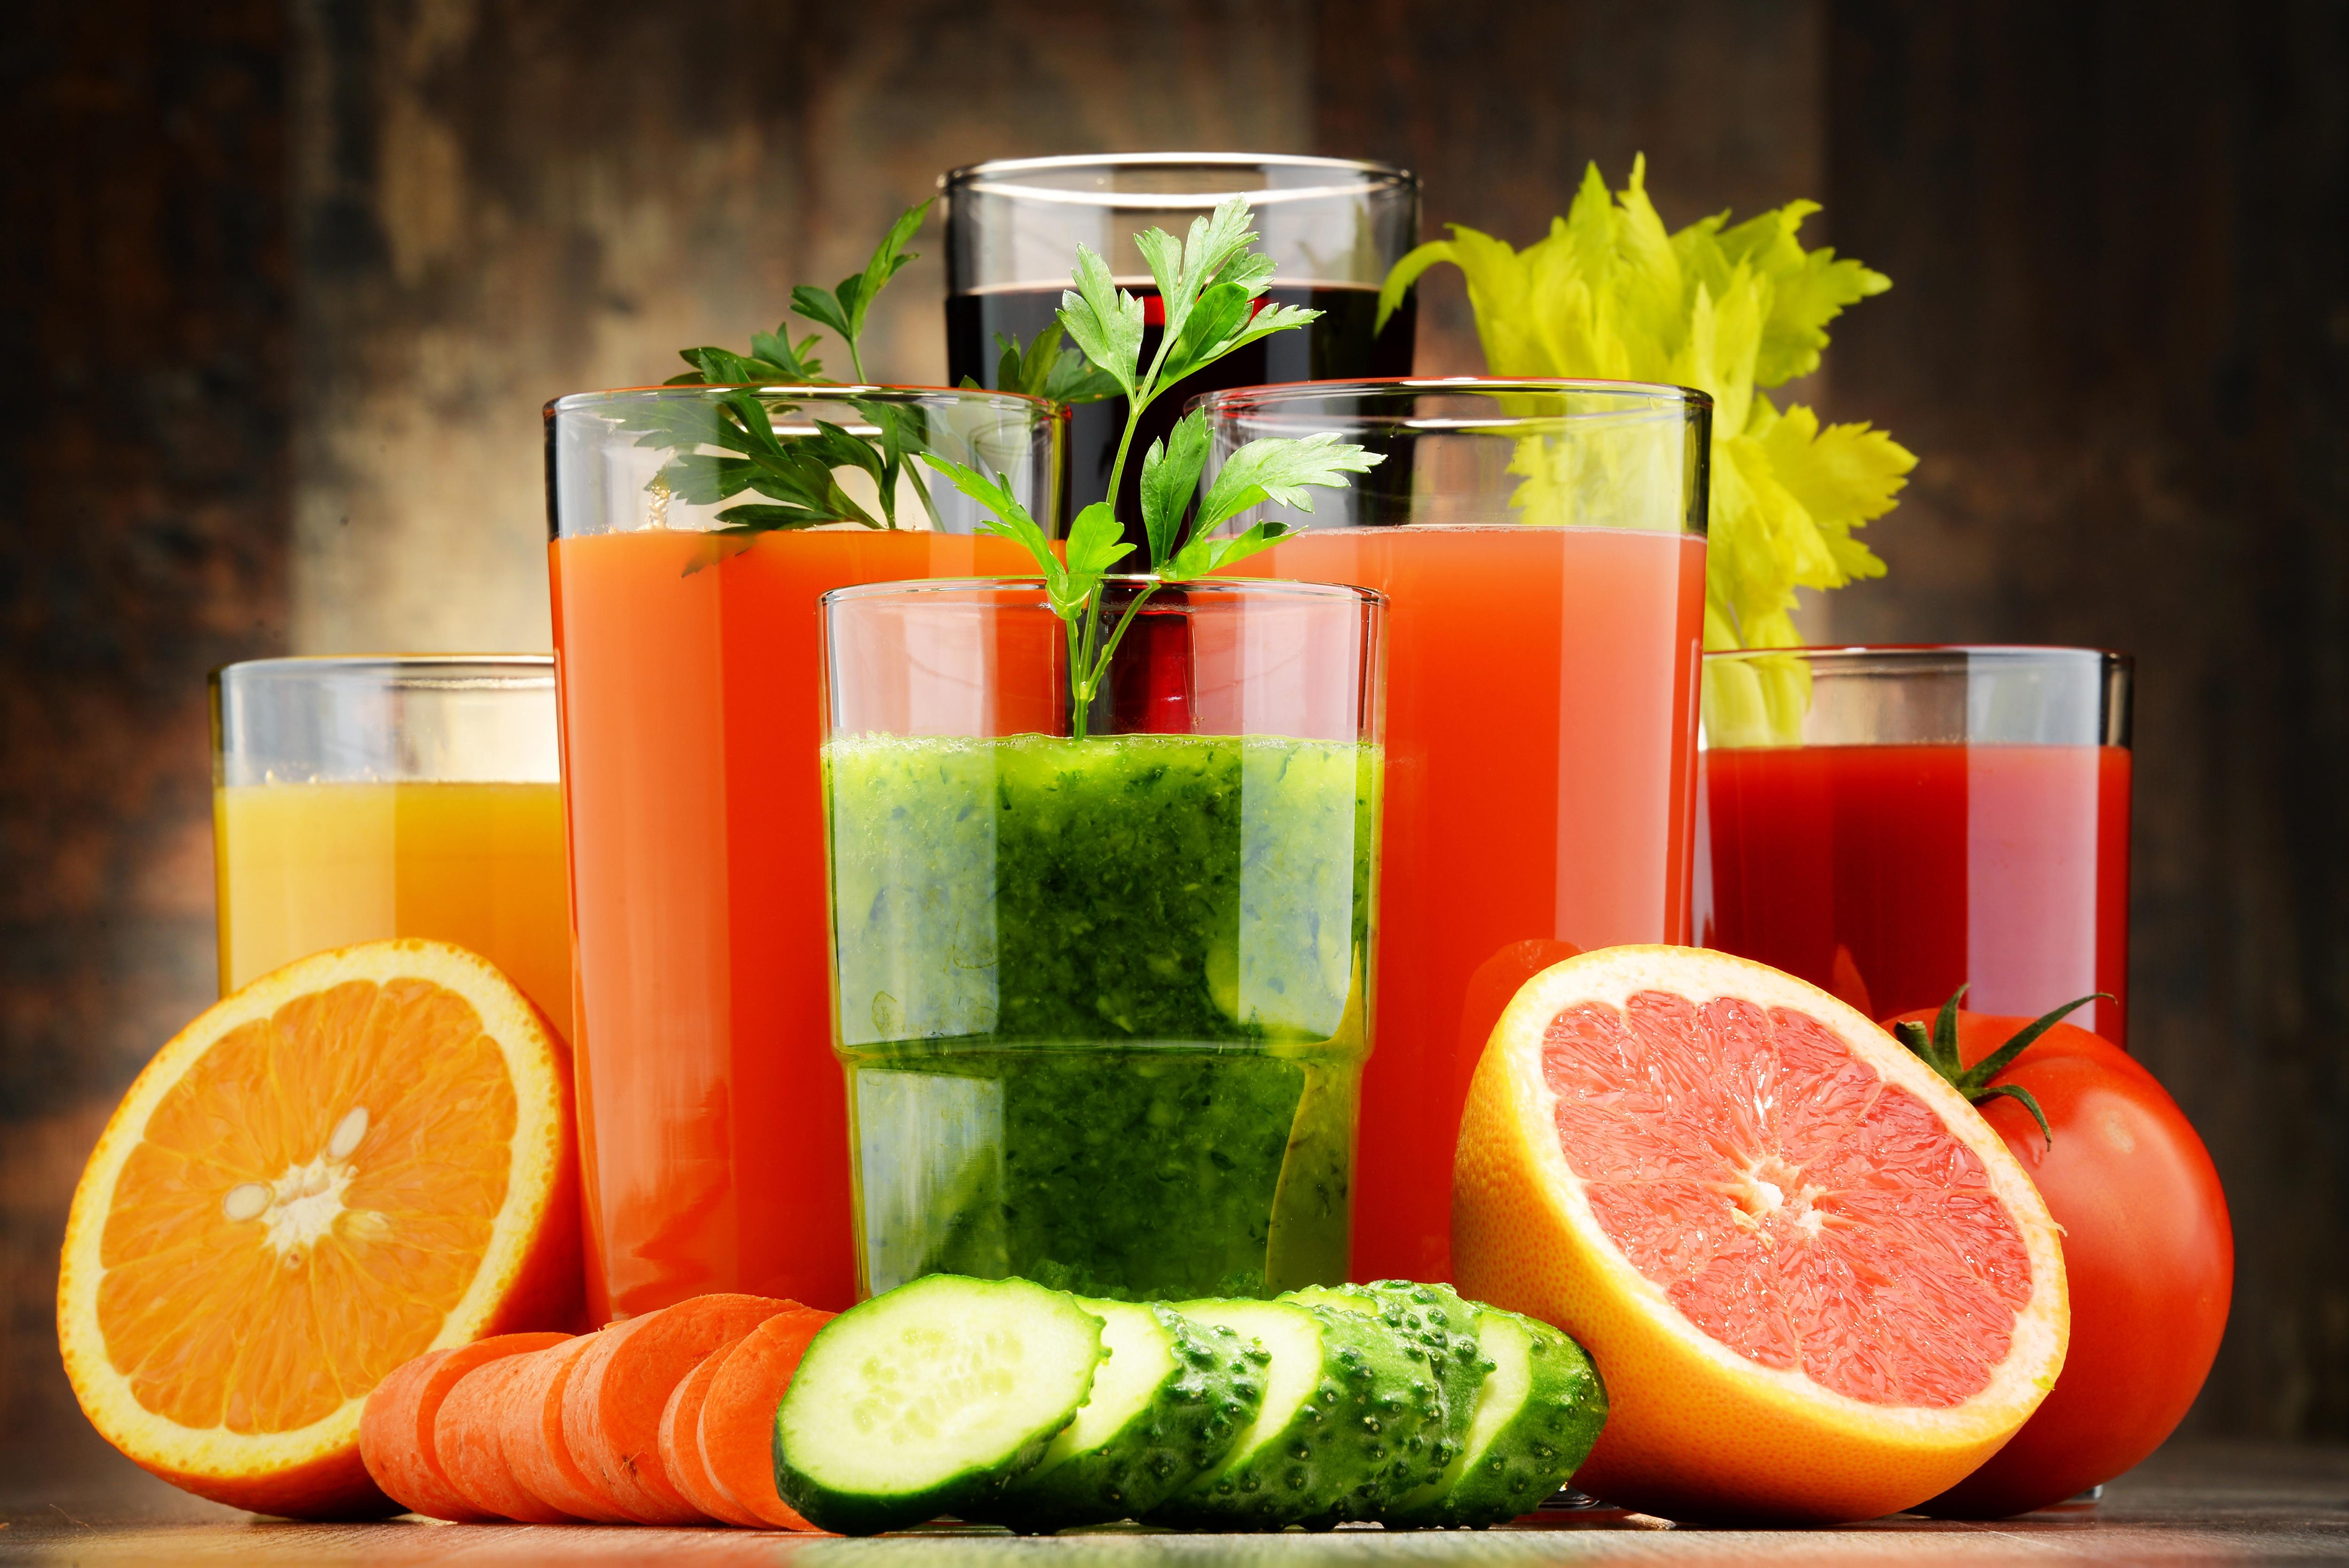 сок яблоки цитрусы помидоры  № 2265342 бесплатно